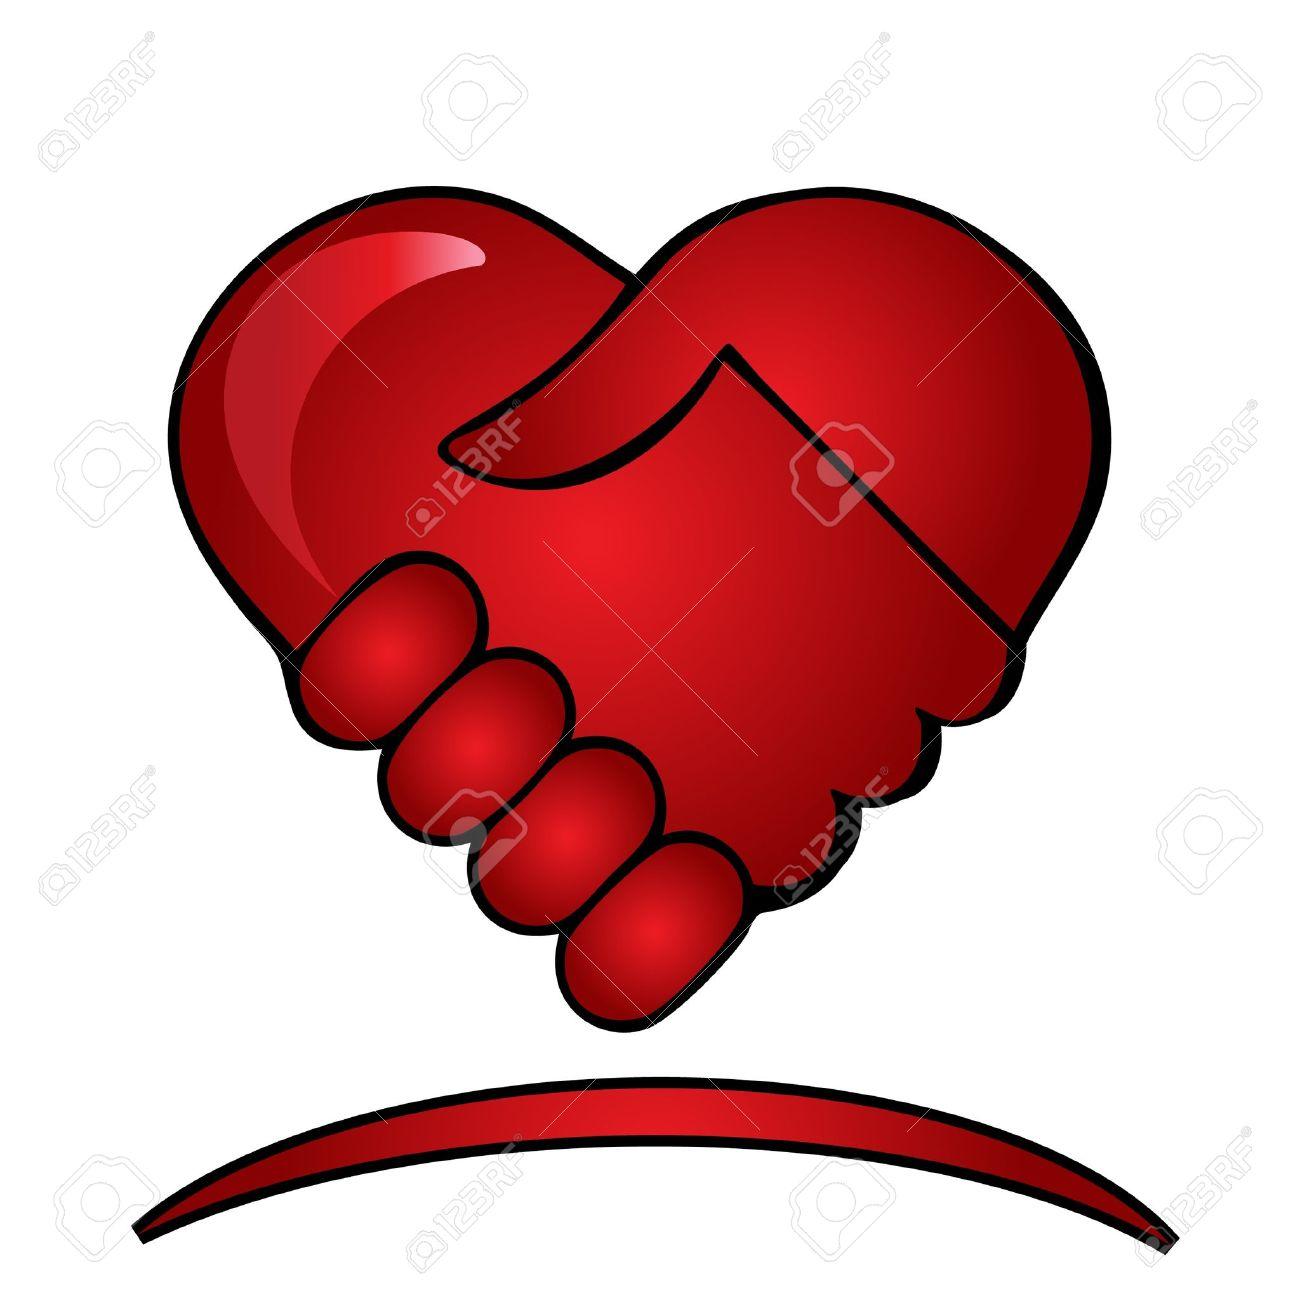 Shaking hands logo Stock Vector - 12379720